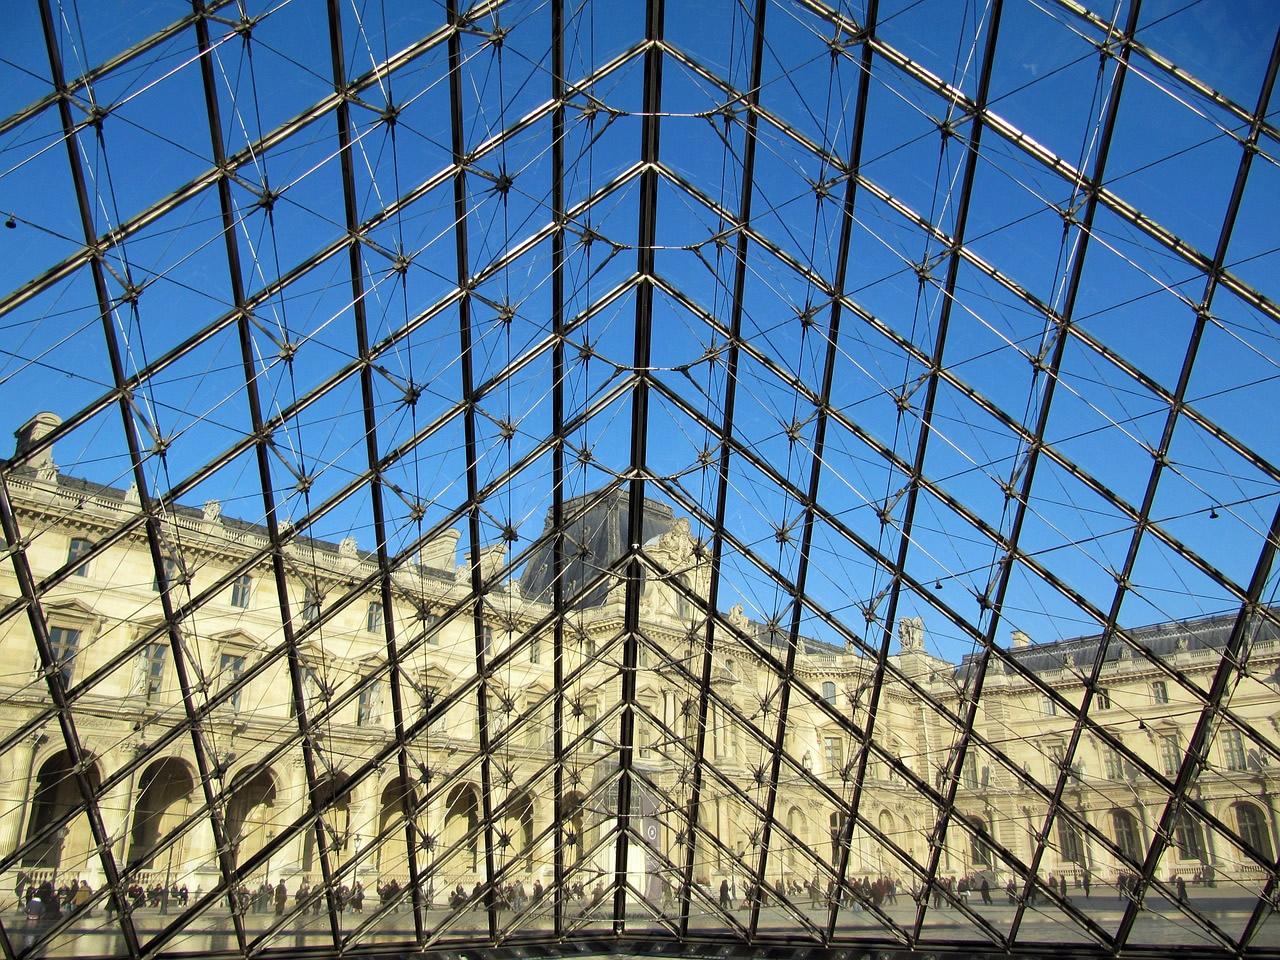 Het Louvre. Een van de vele bezienswaardigheden in Parijs.